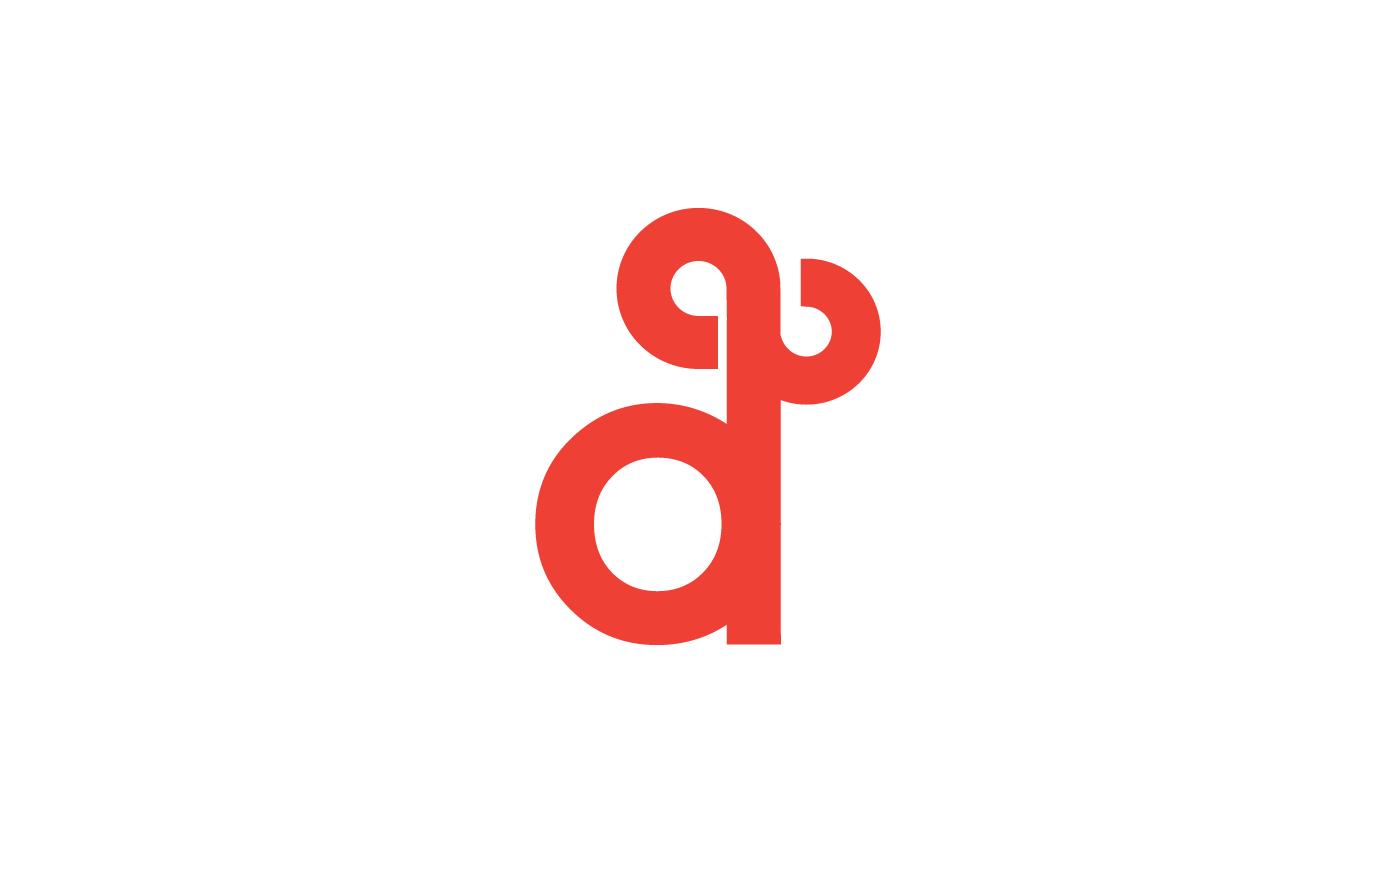 Degordian Digital Agency